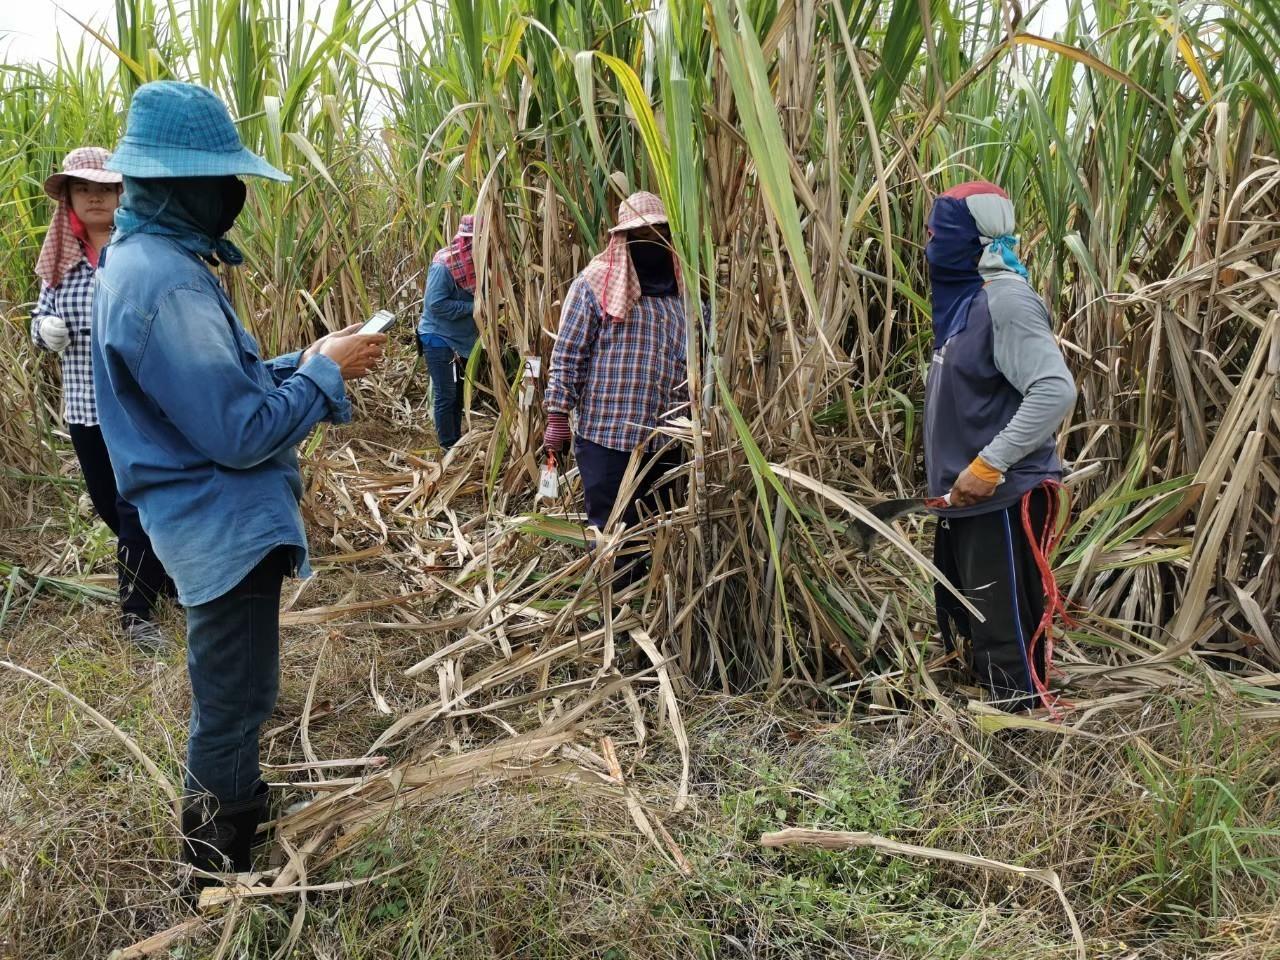 เมื่อวันที่ 27 สิงหาคม 2562   ที่ผ่านมา คณะที่ปรึกษาฯได้ดำเนินการเข้าทำการคัดเลือกพันธุ์อ้อย ณ ศูนย์การปรับปรุงพันธุ์อ้อยแห่งประเทศไทย (TSBC)